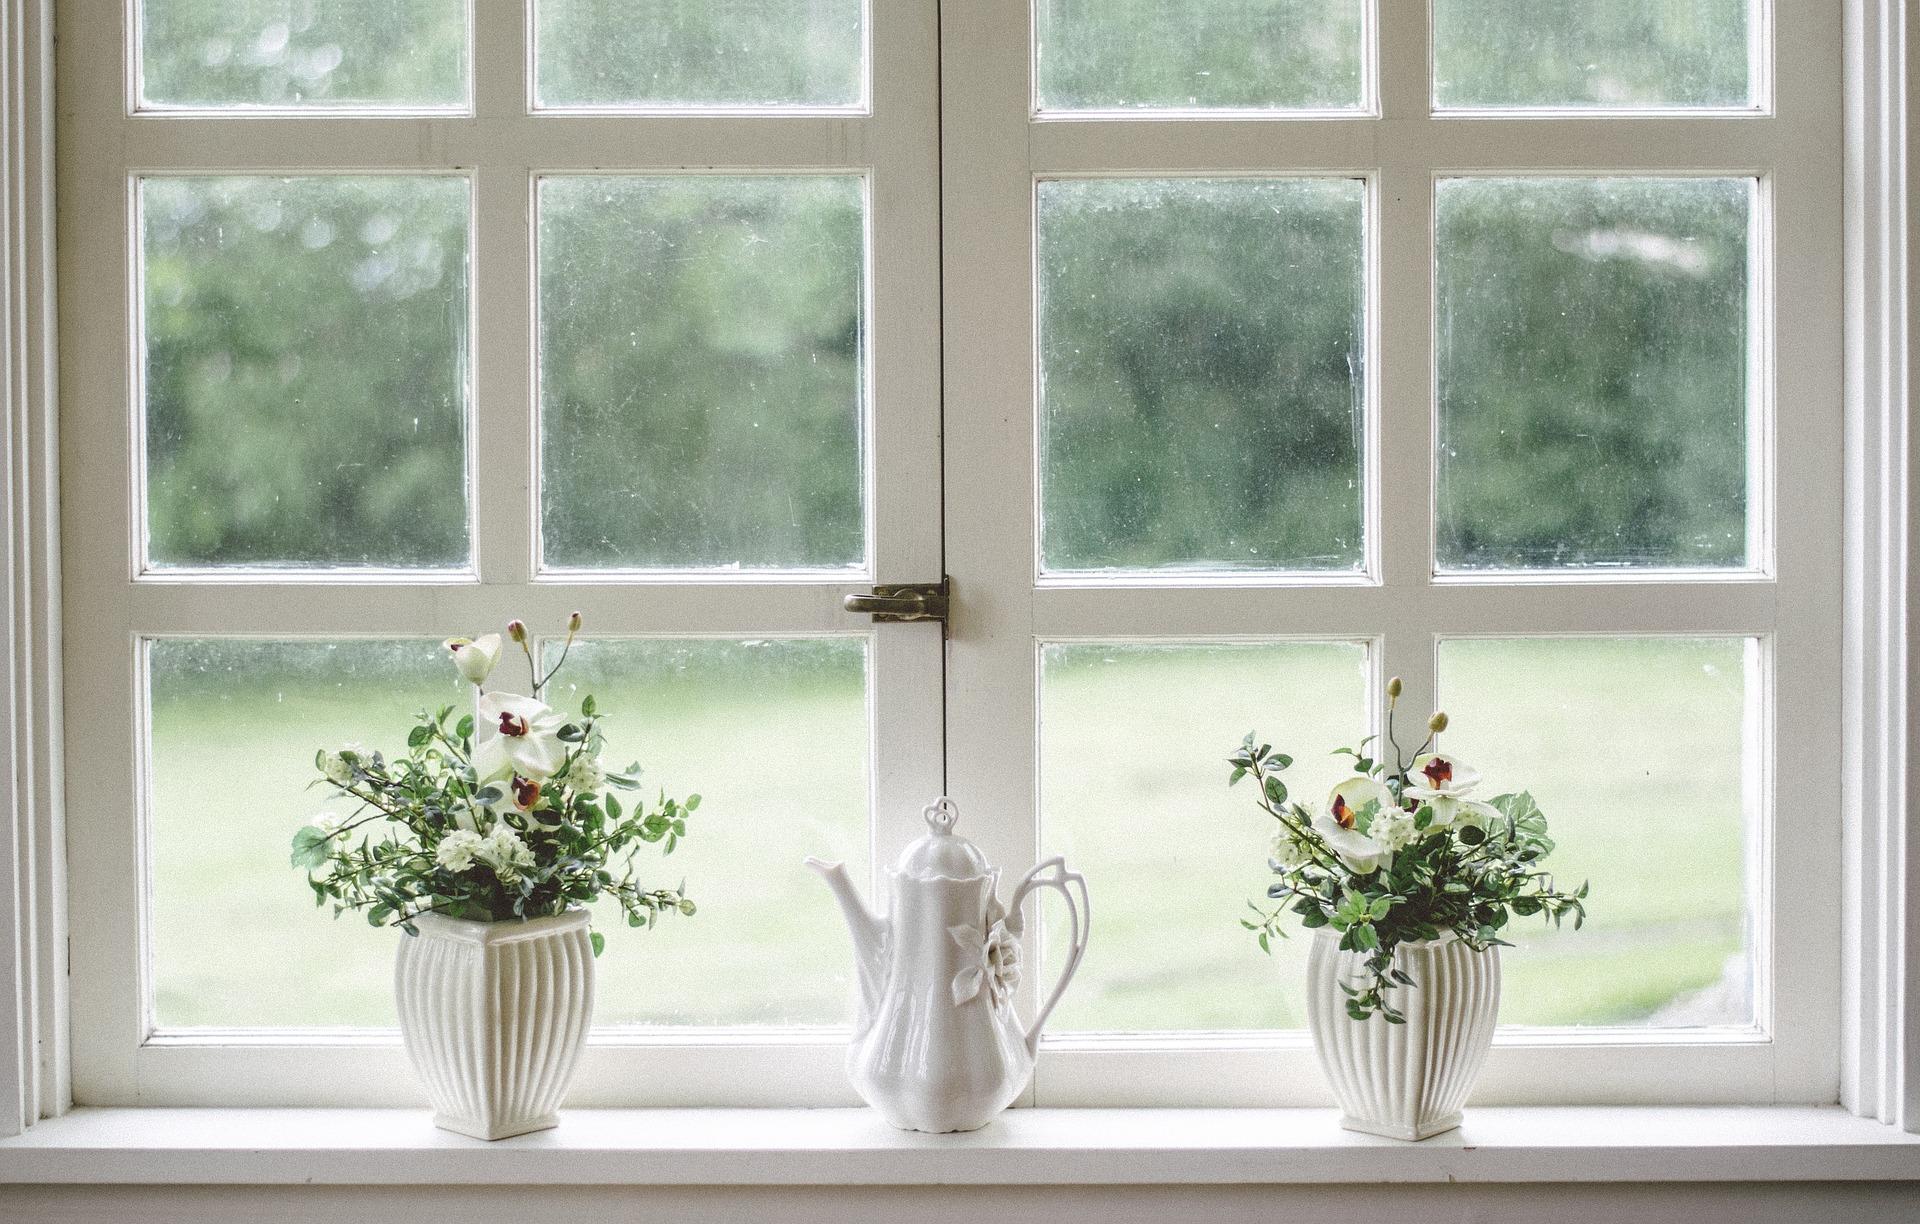 ferestre-mici-noi-avem-solutia-sa-le-facem-mai-mari